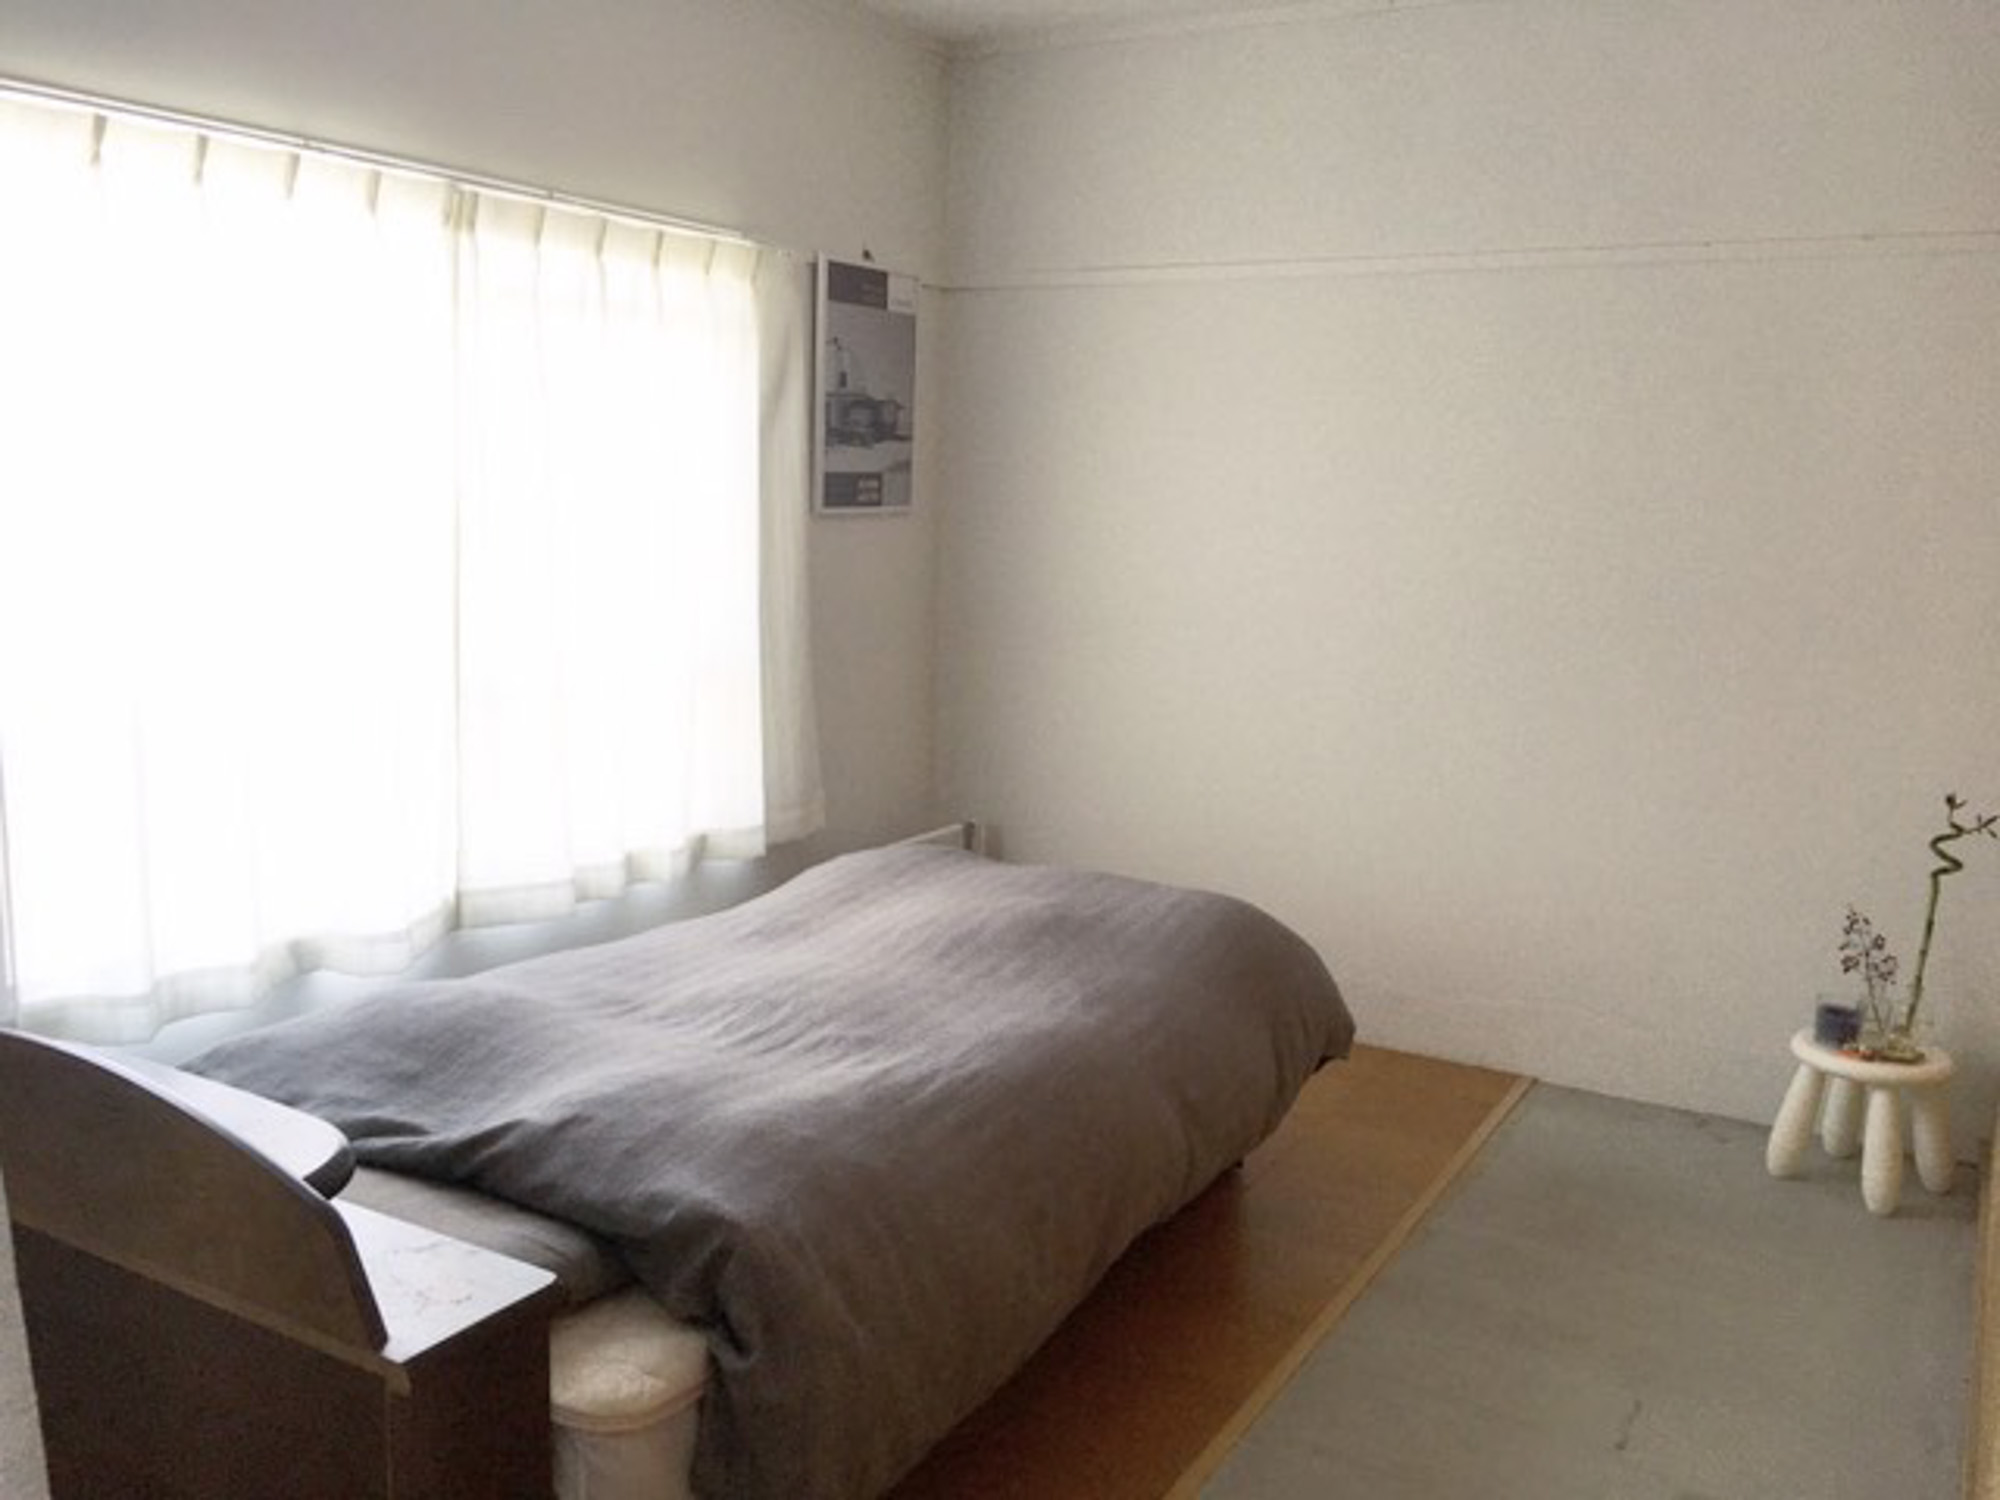 こちらは寝室。シンプルに整えられていて、居心地が良さそうですね。